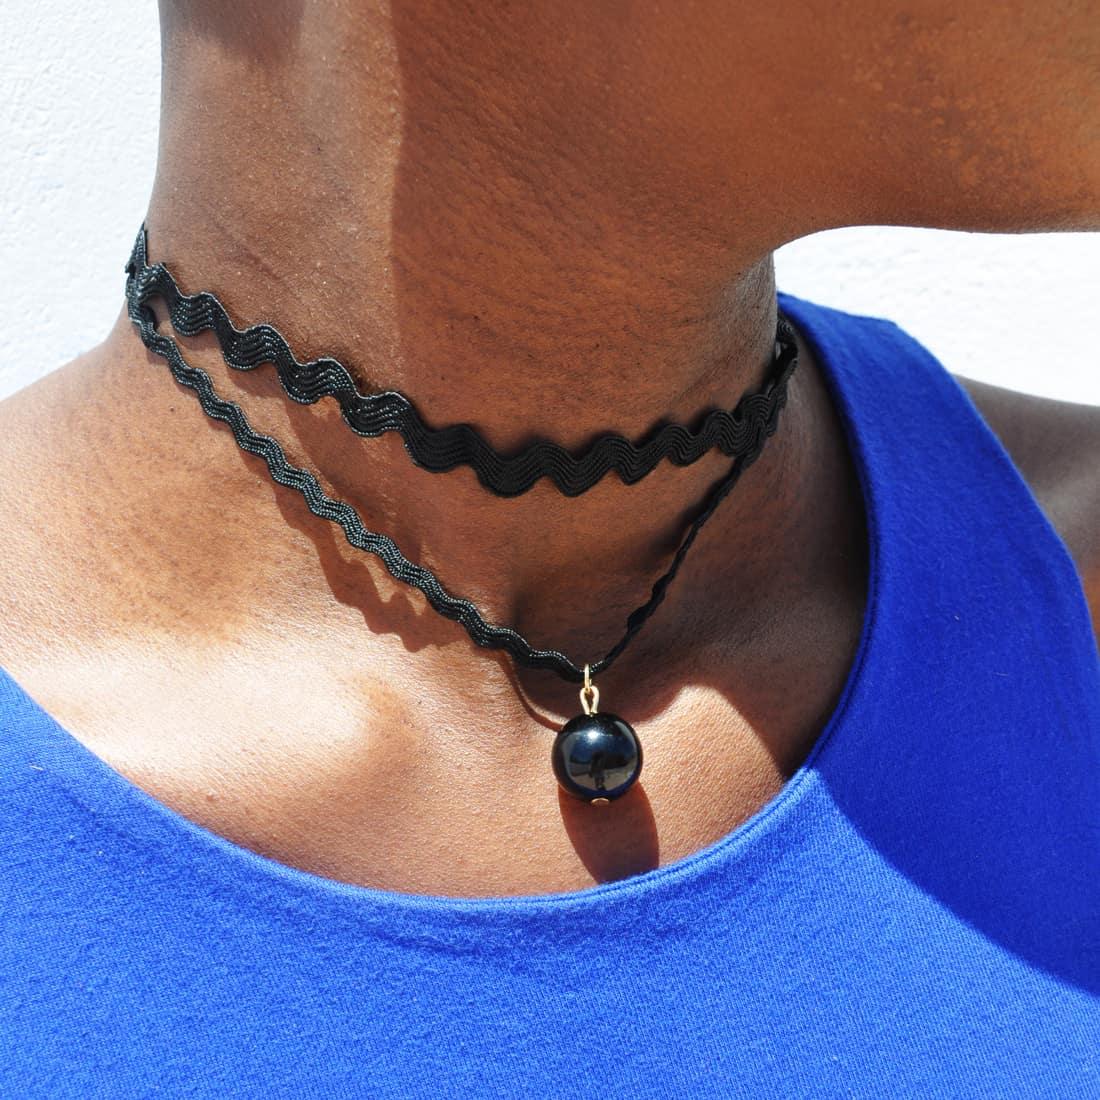 M0344 black17 Necklaces Chokers Jewelry Sets maureens.com boutique